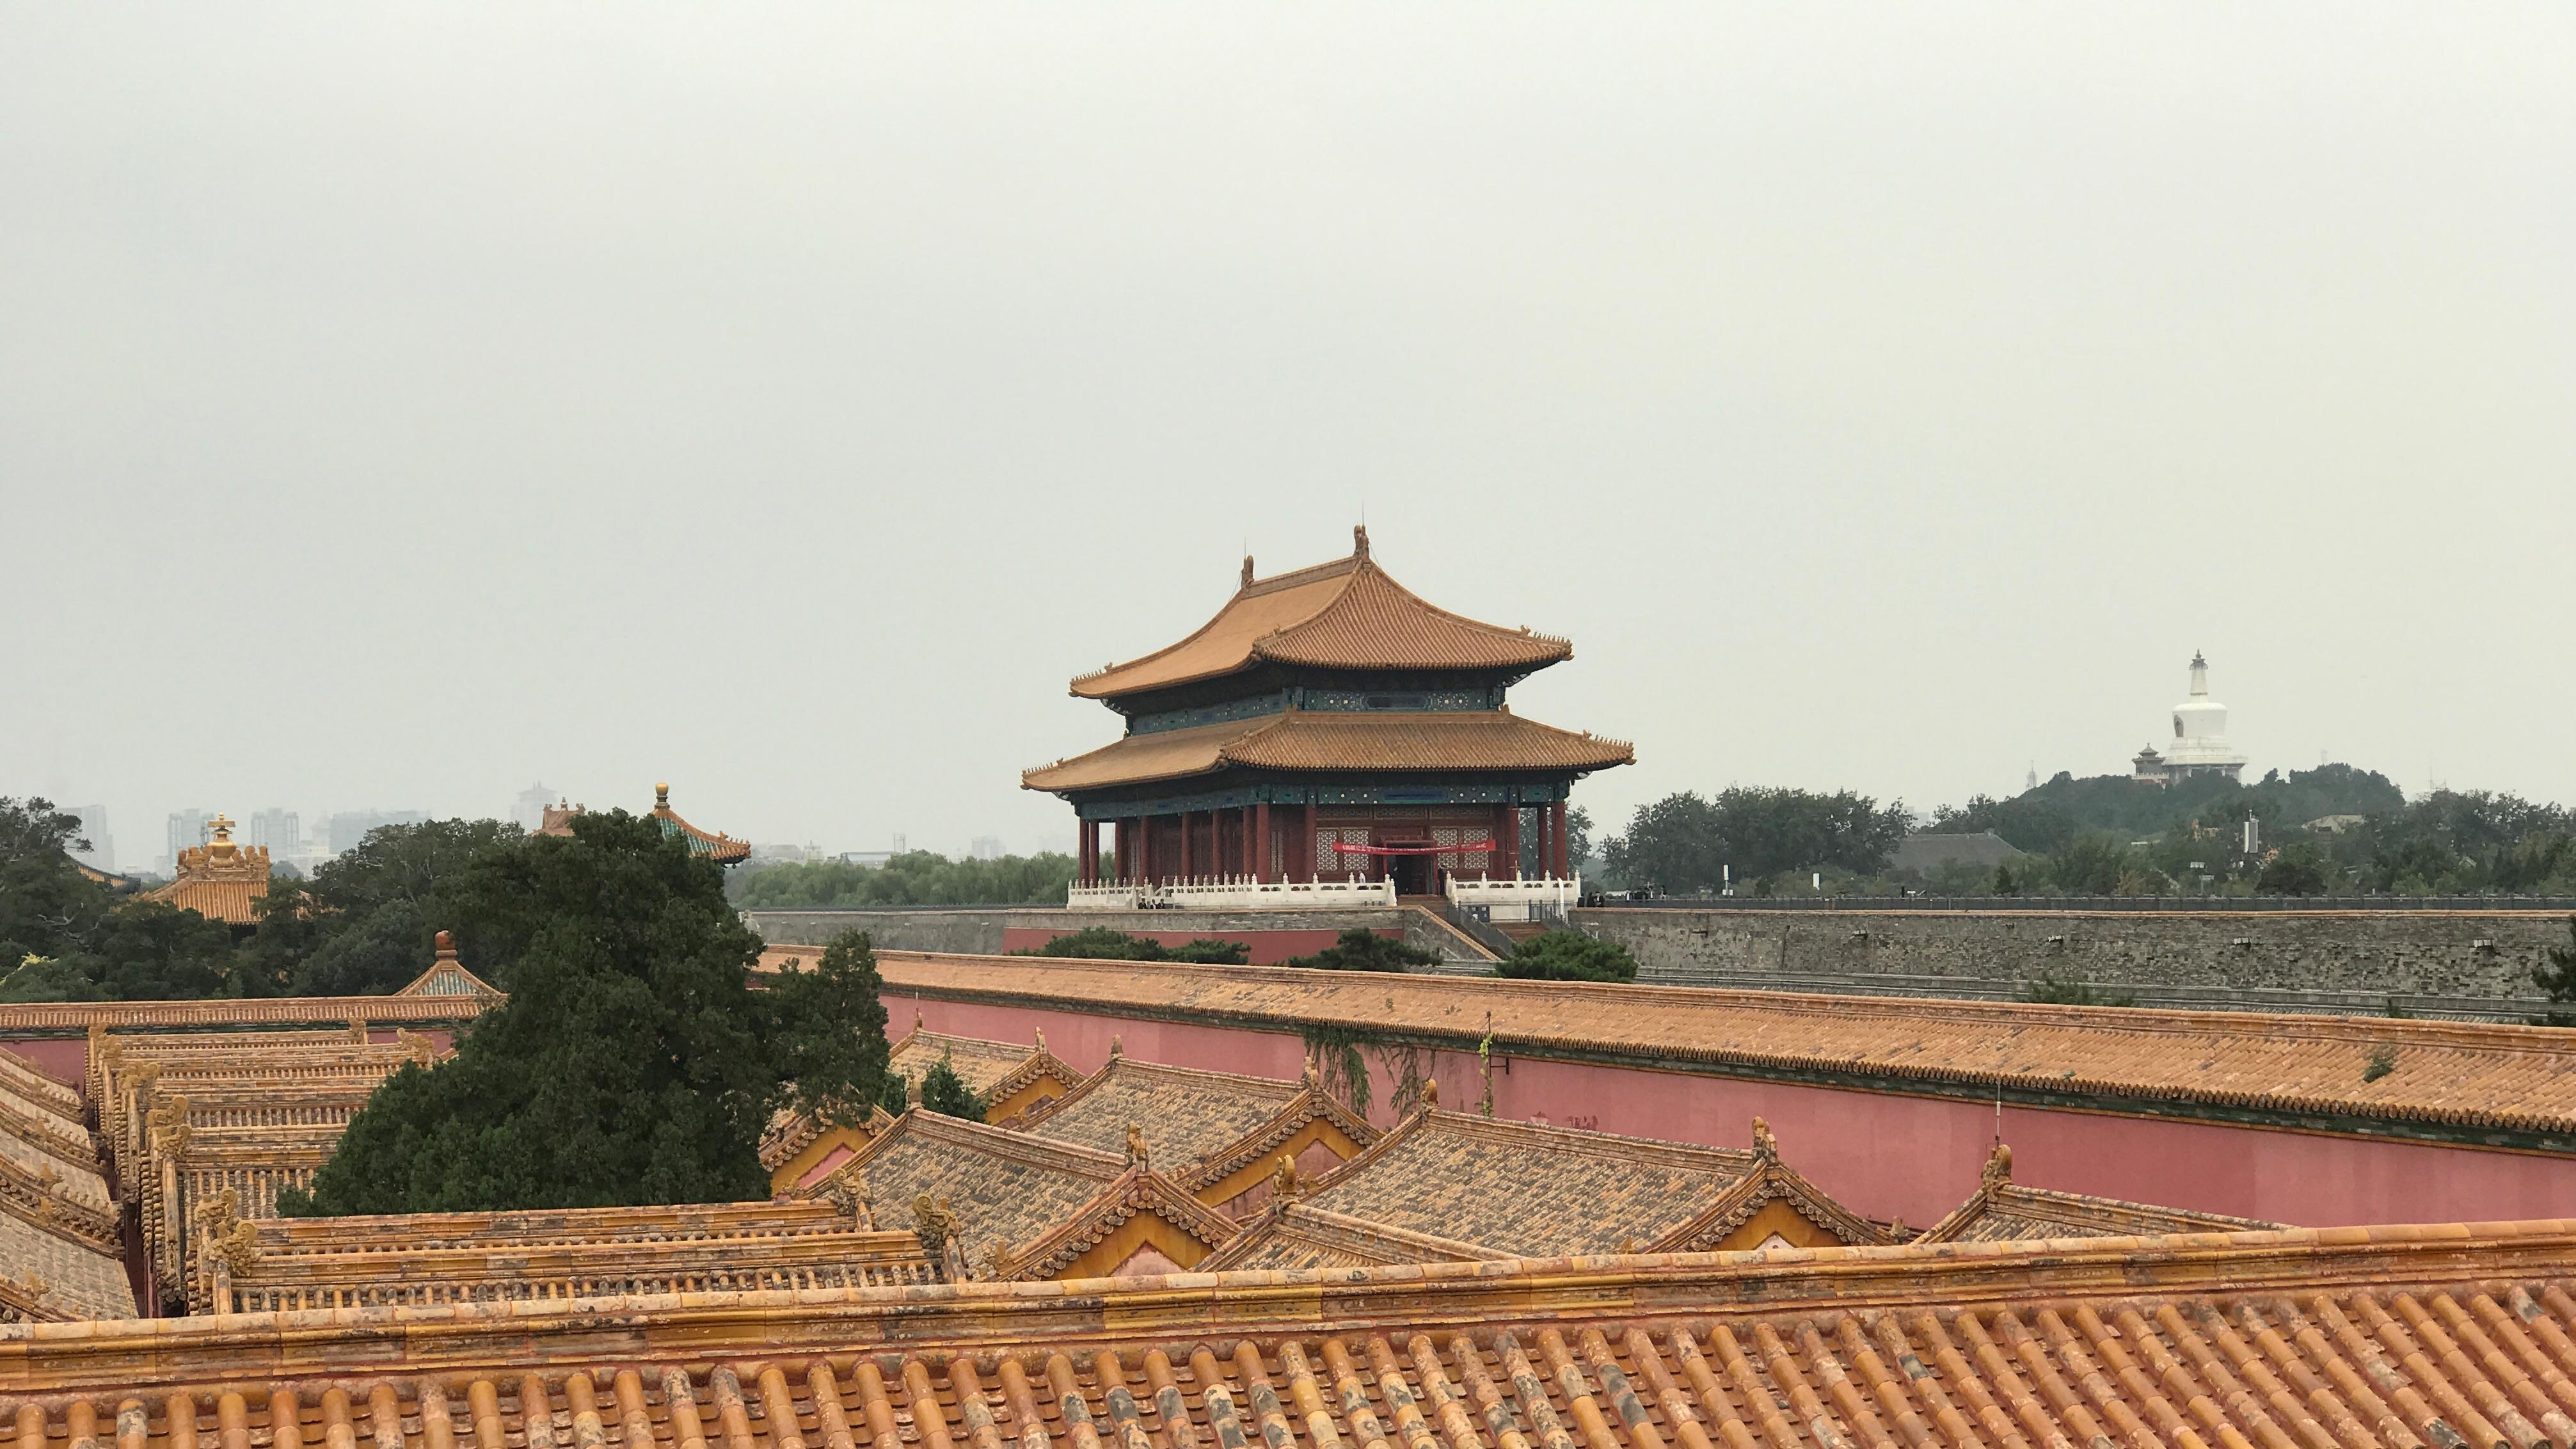 龙袍与袈裟:清代宫廷藏传佛教与皇帝的信仰